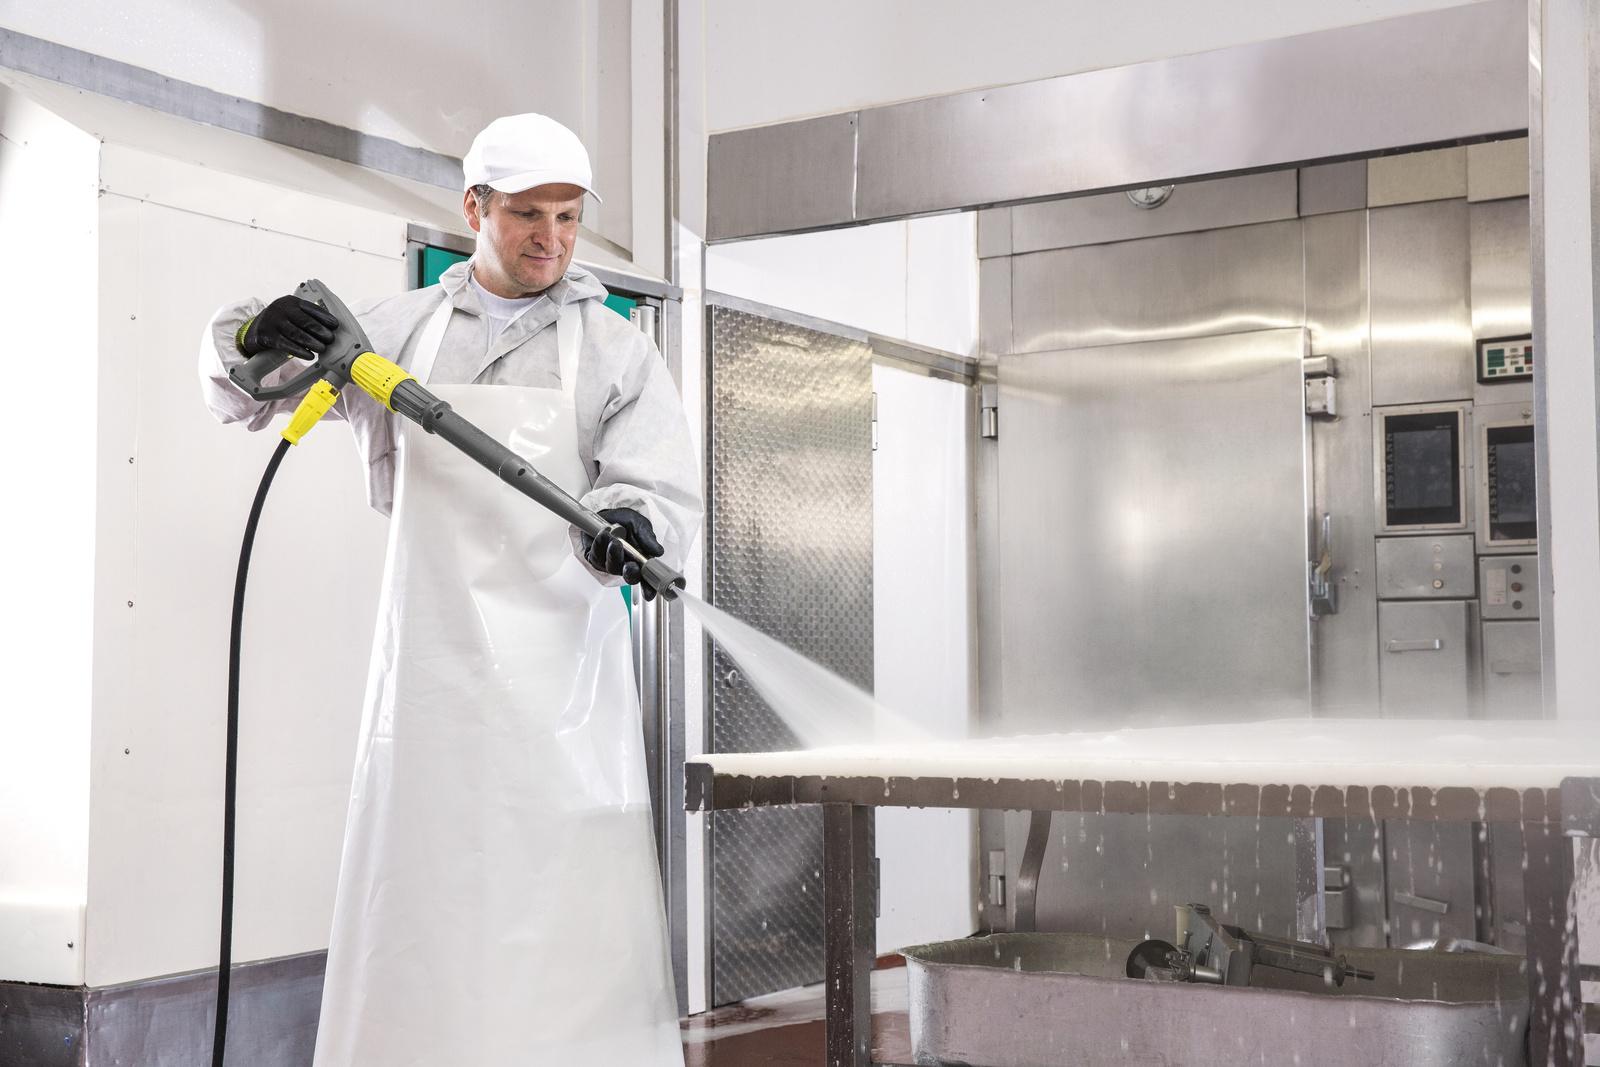 Limpieza con una limpiadora de alta presión de agua caliente Kärcher